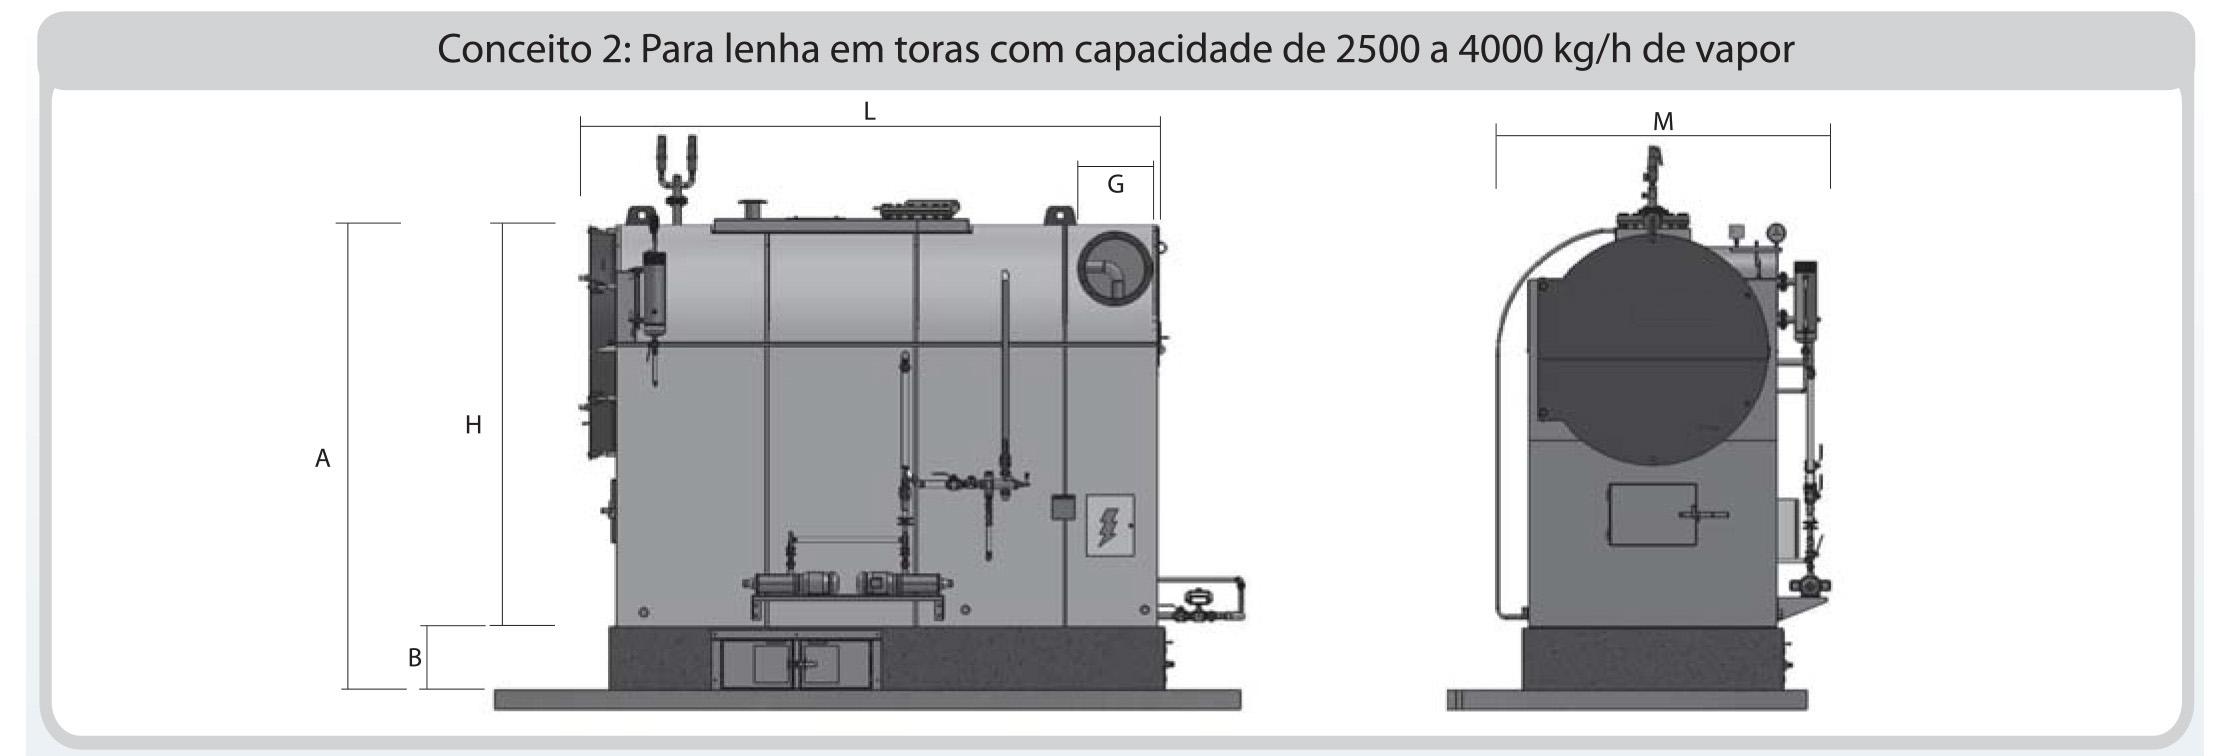 Dimensionamento 02 CVS-IL Icaterm